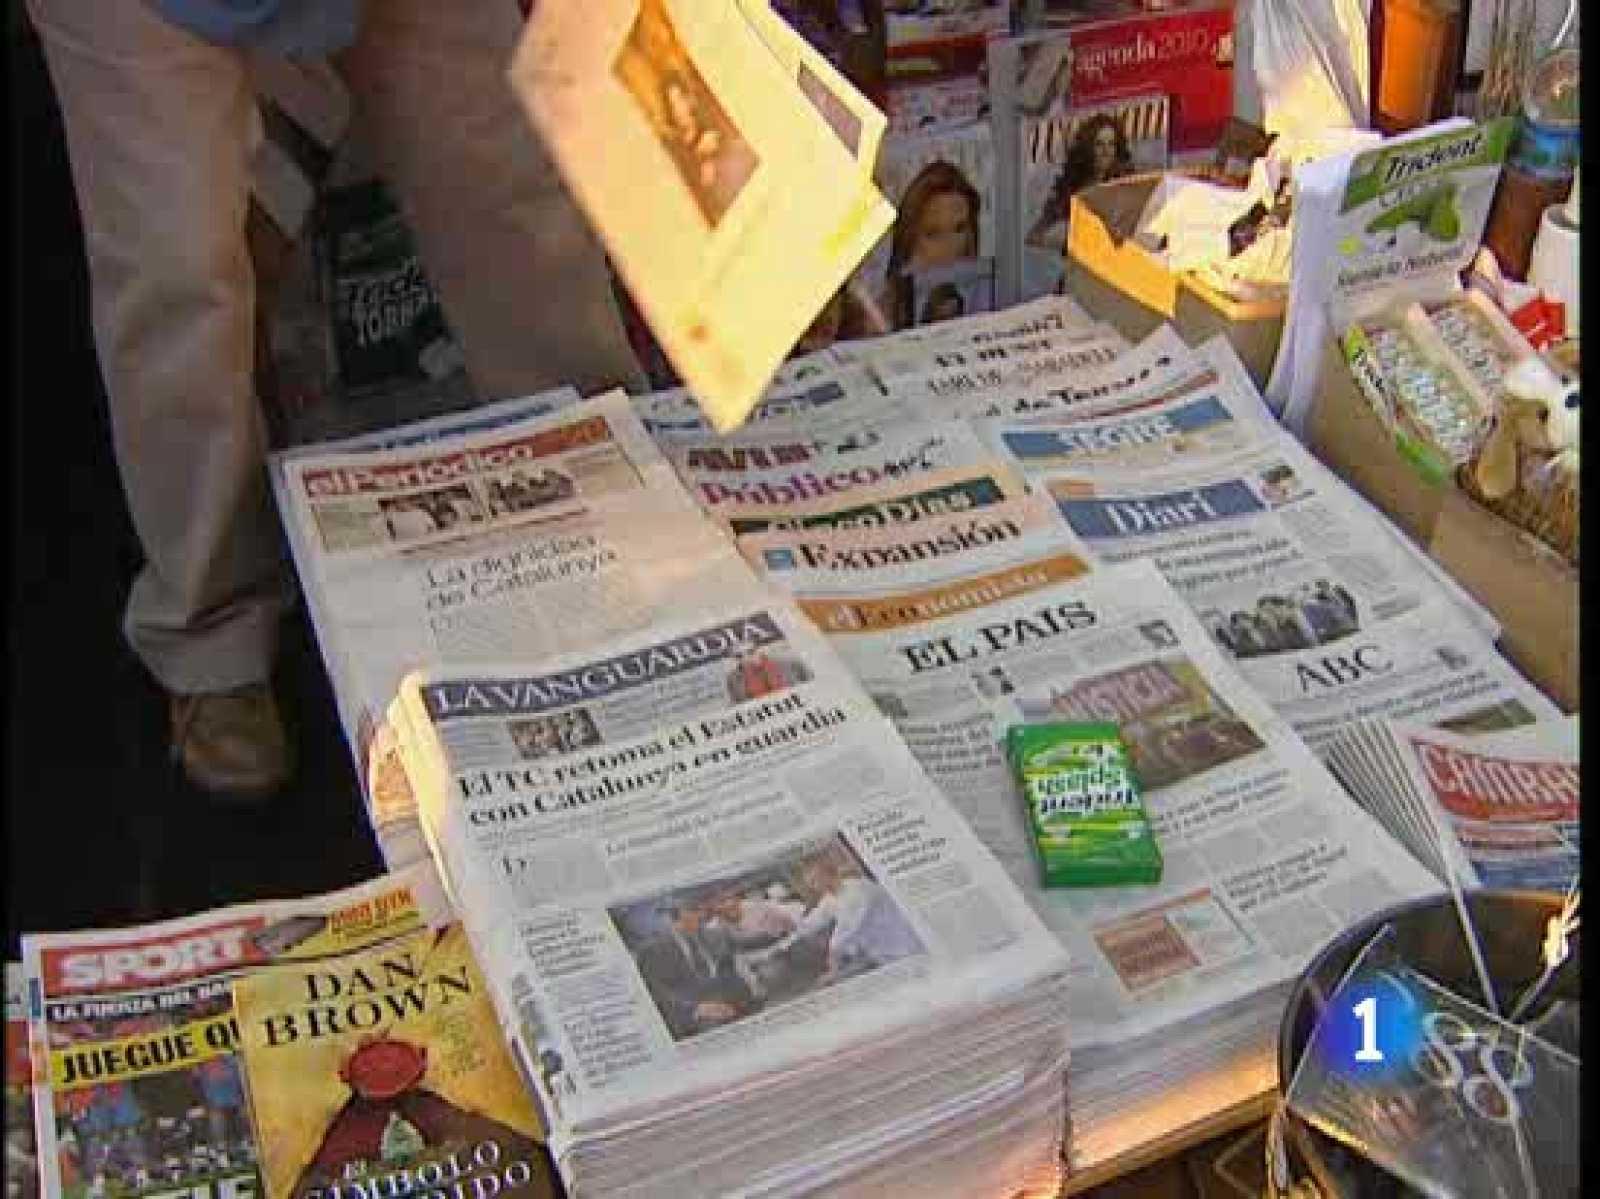 12 periódicos editados en Cataluña publican hoy un mismo editorial en defensa del Estatut